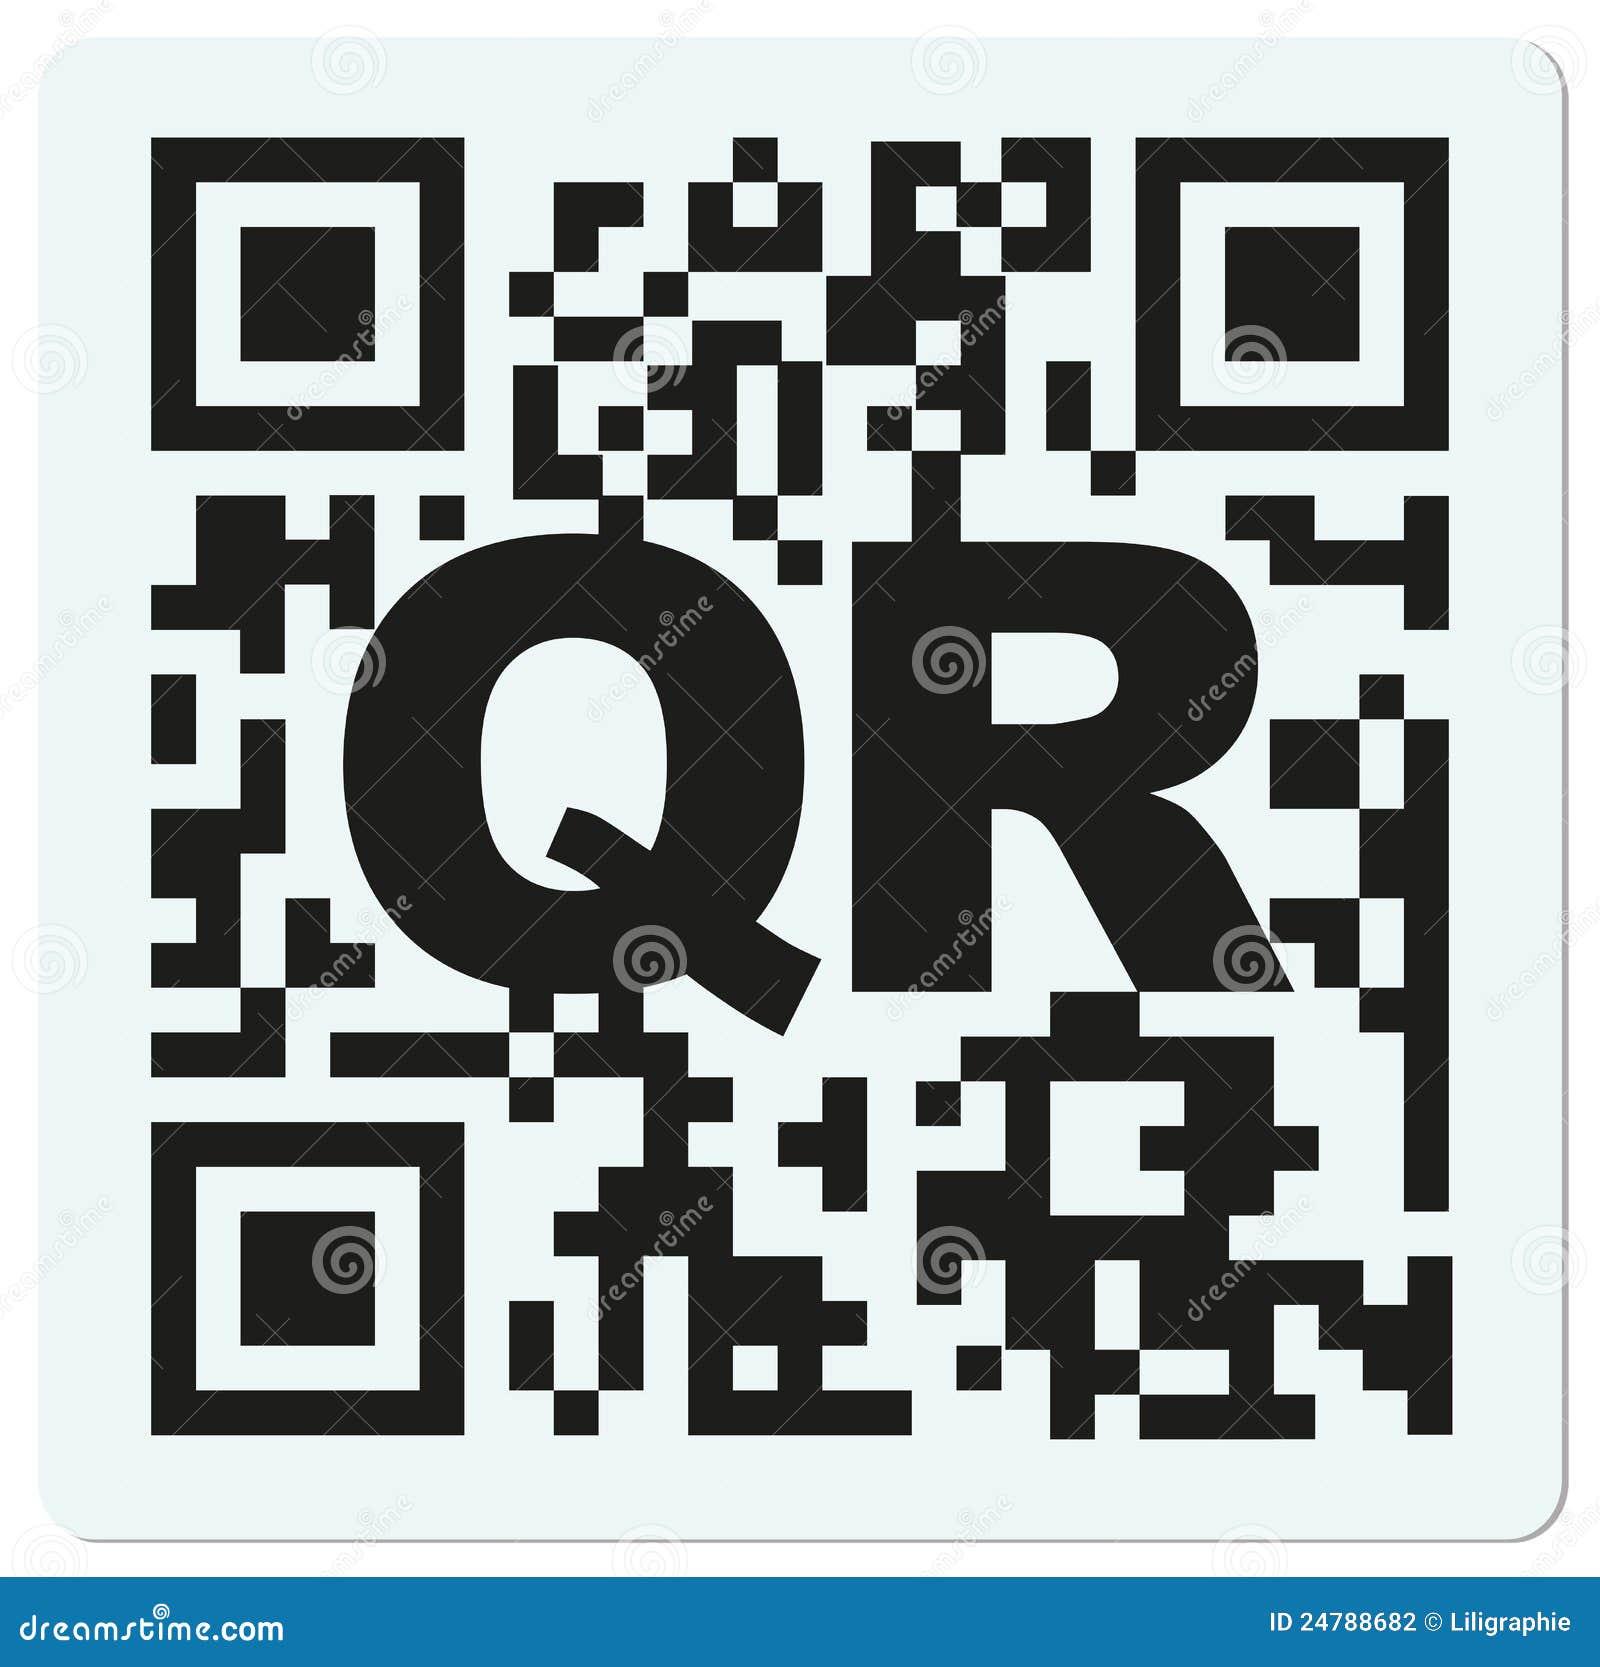 Генератор QR кодов: QR Coder 1